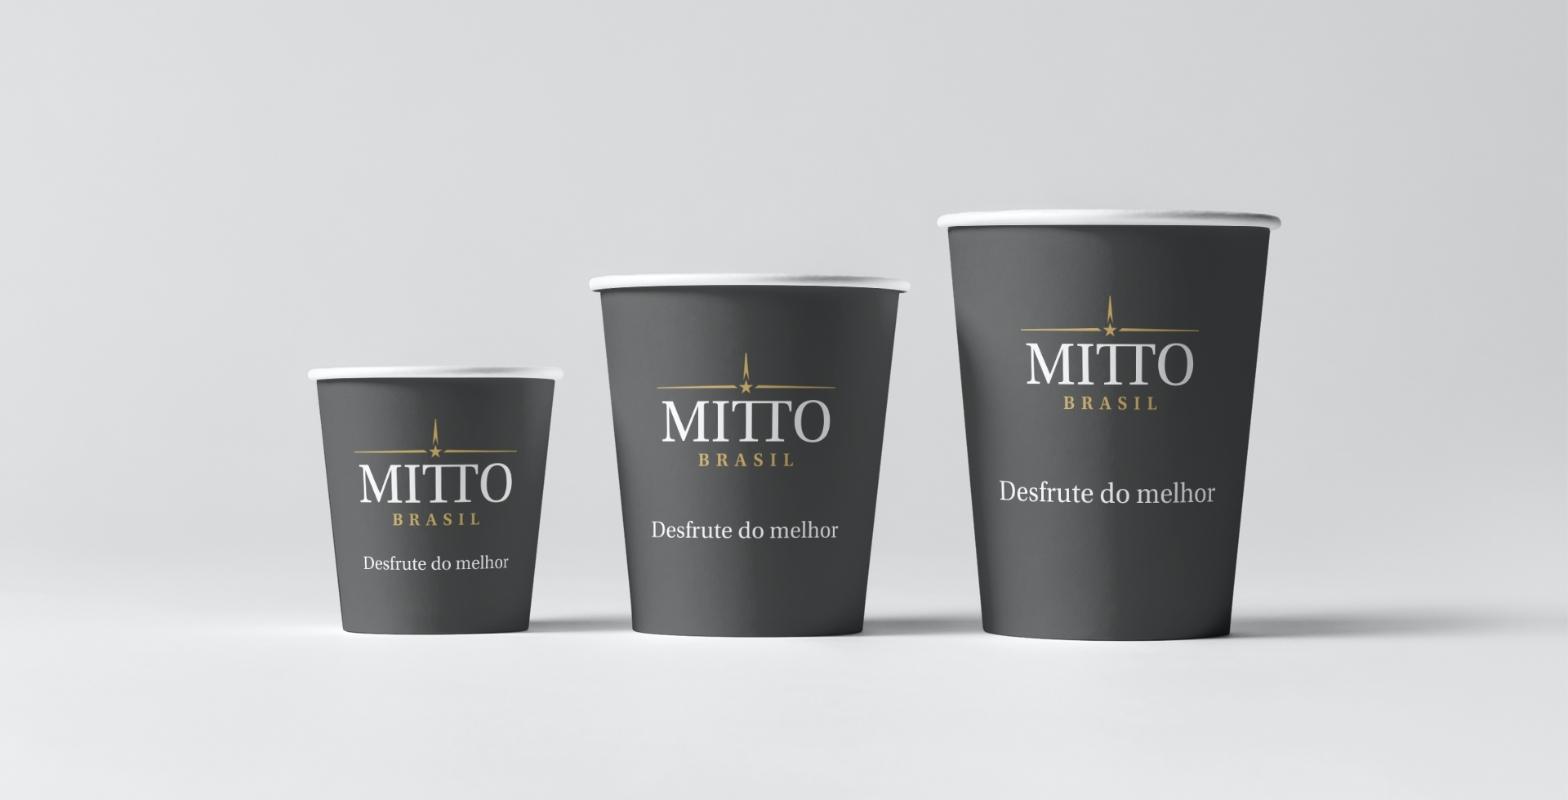 Mitto - Identidade visual e Branding (4)